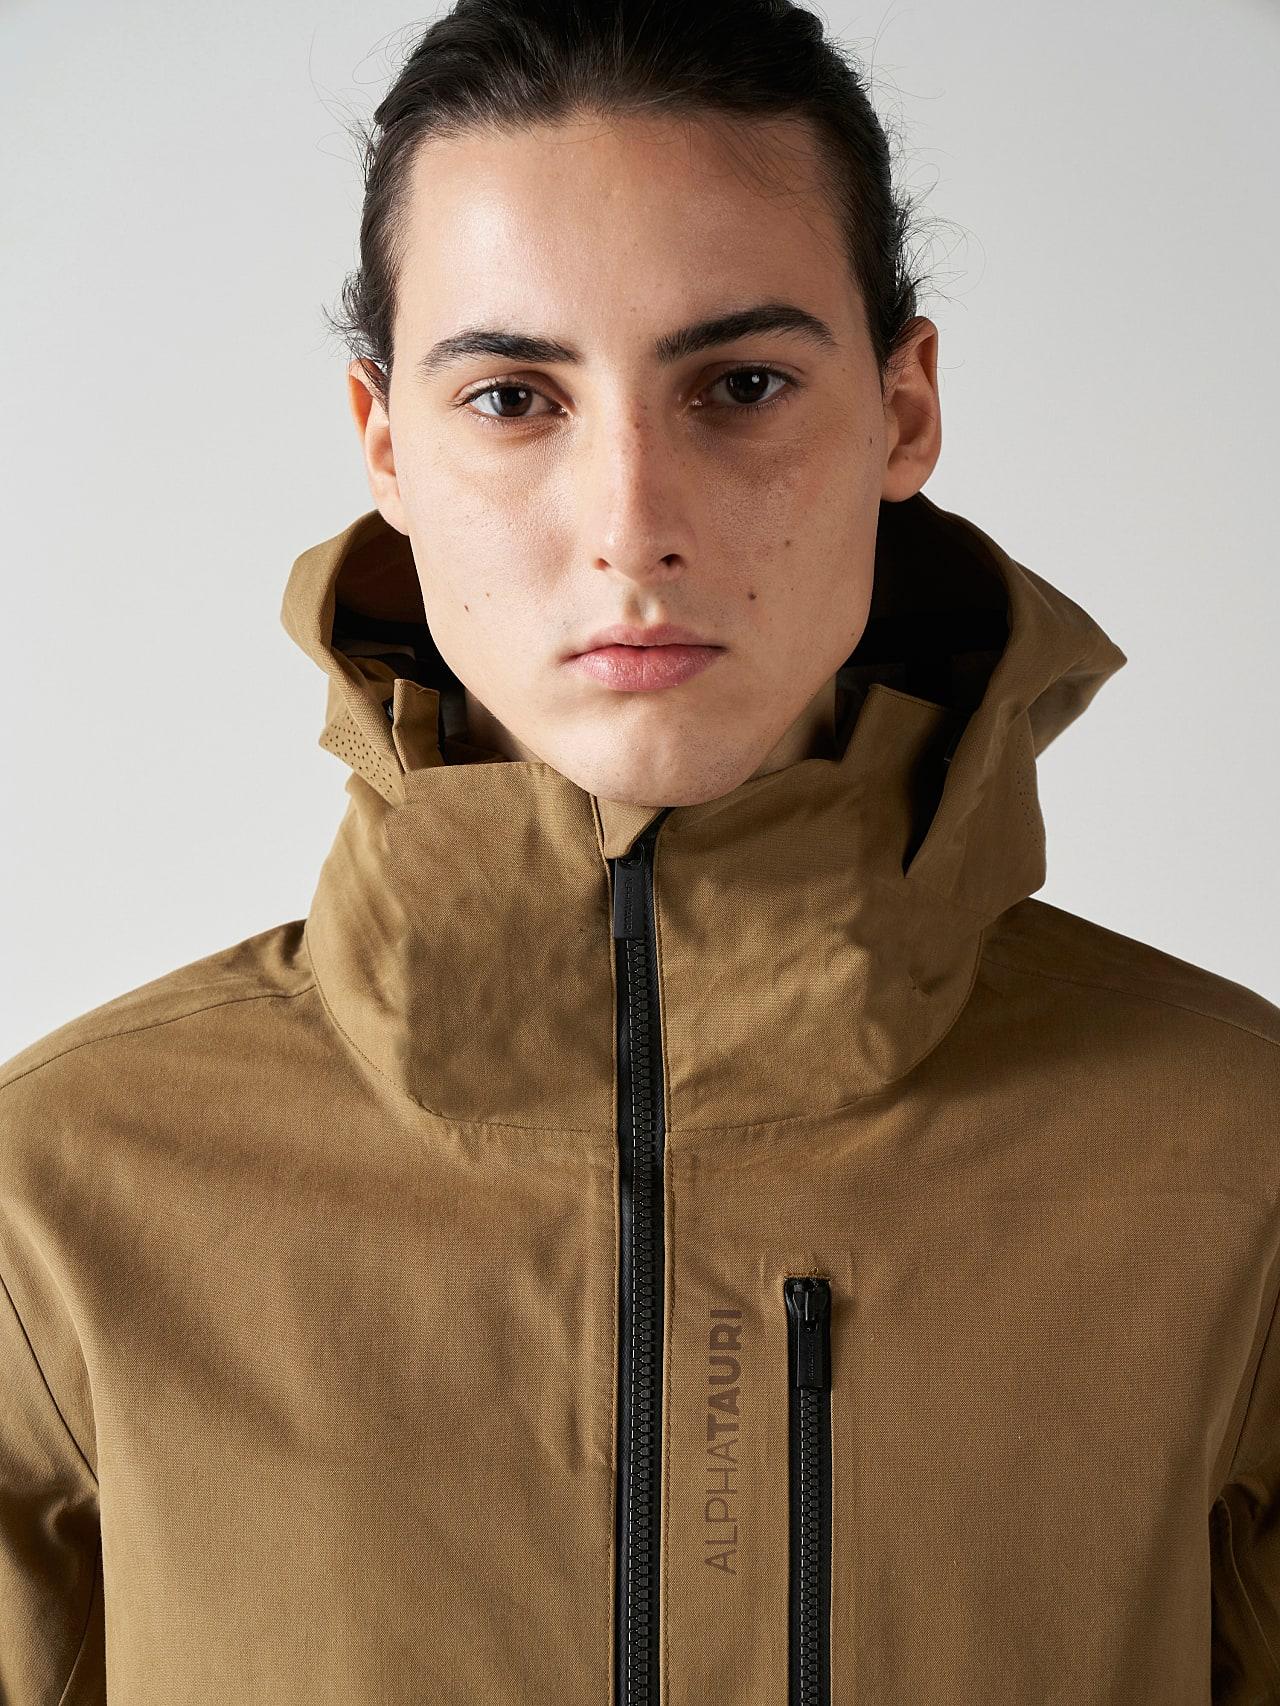 OKOVO V3.Y5.01 Packable Waterproof Jacket brown scene7.view.8.name Alpha Tauri